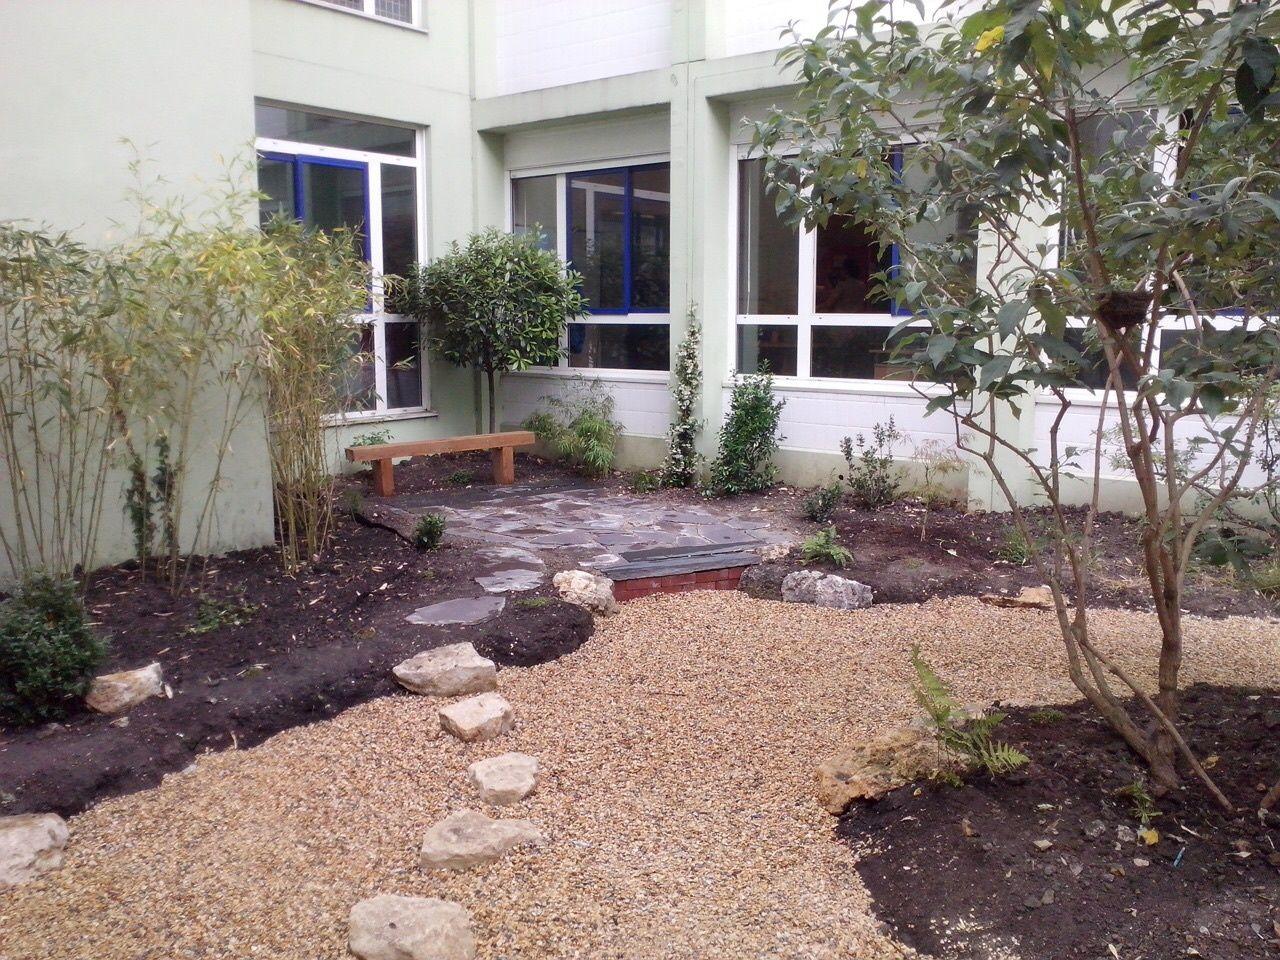 Jardin zen sec où l'eau est représentée par du gravier